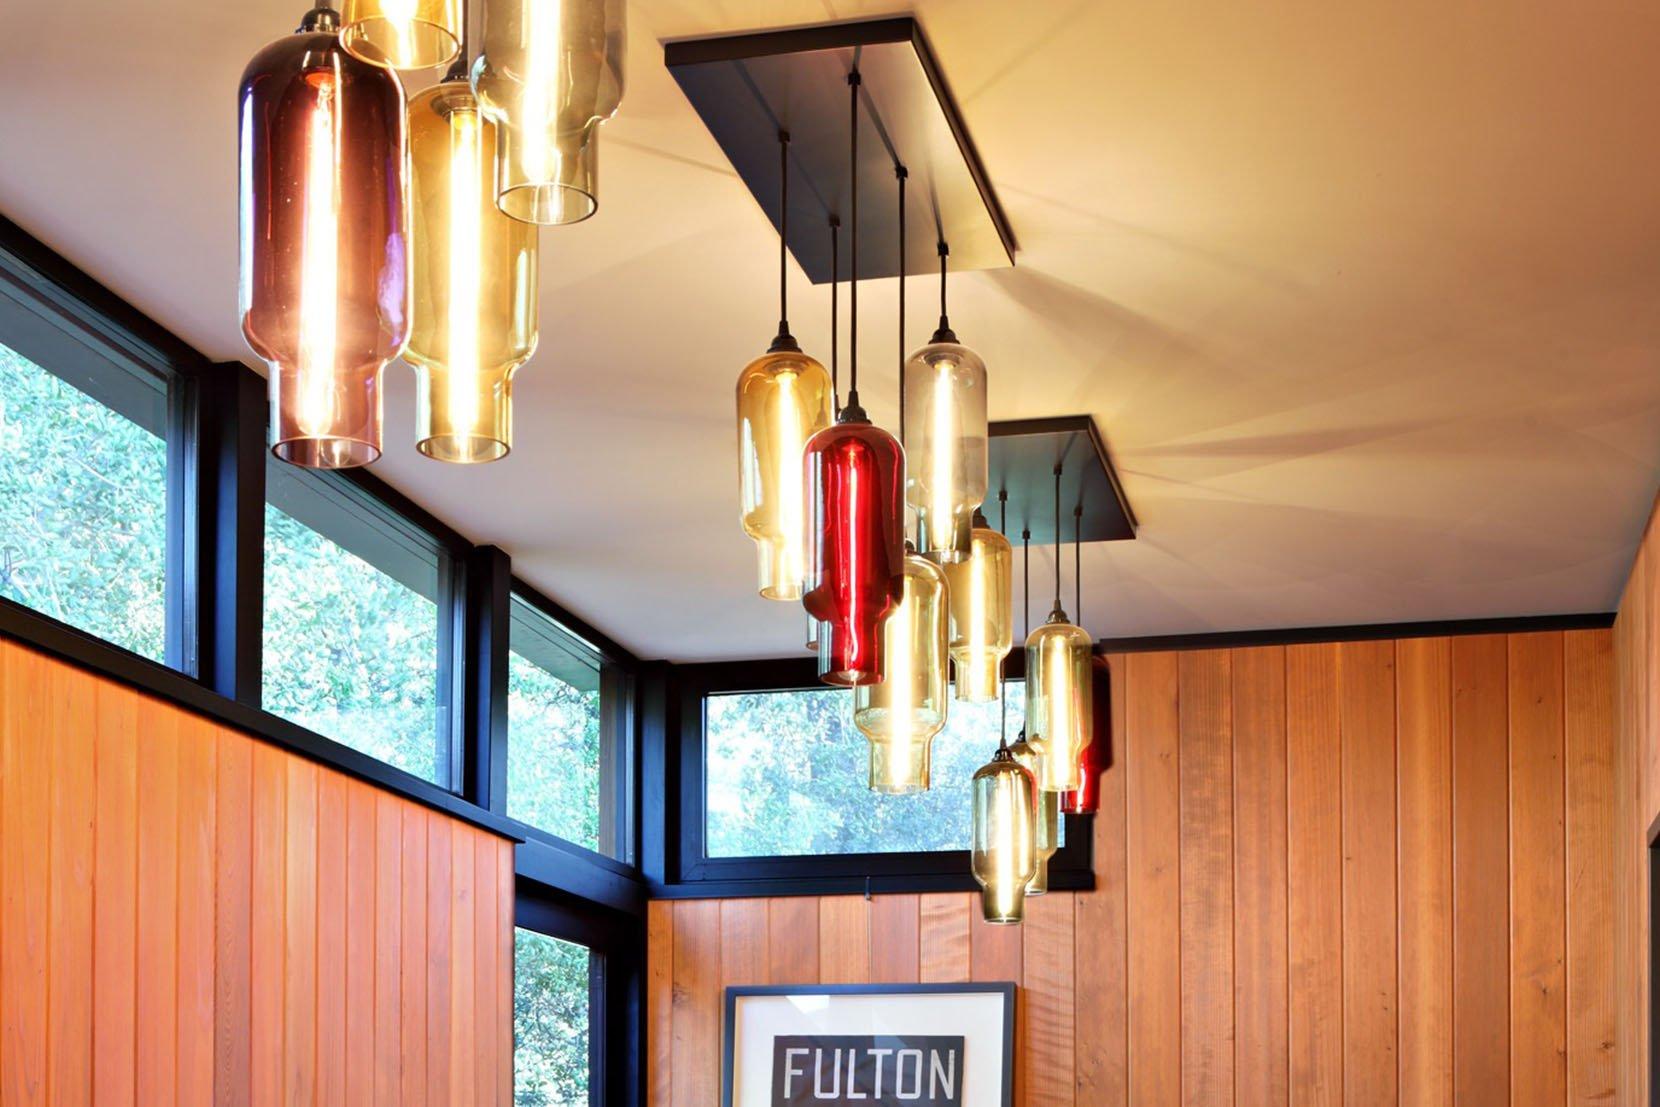 Modern Glass Entry Way Lighting - Pack Pharos Pendant Lights